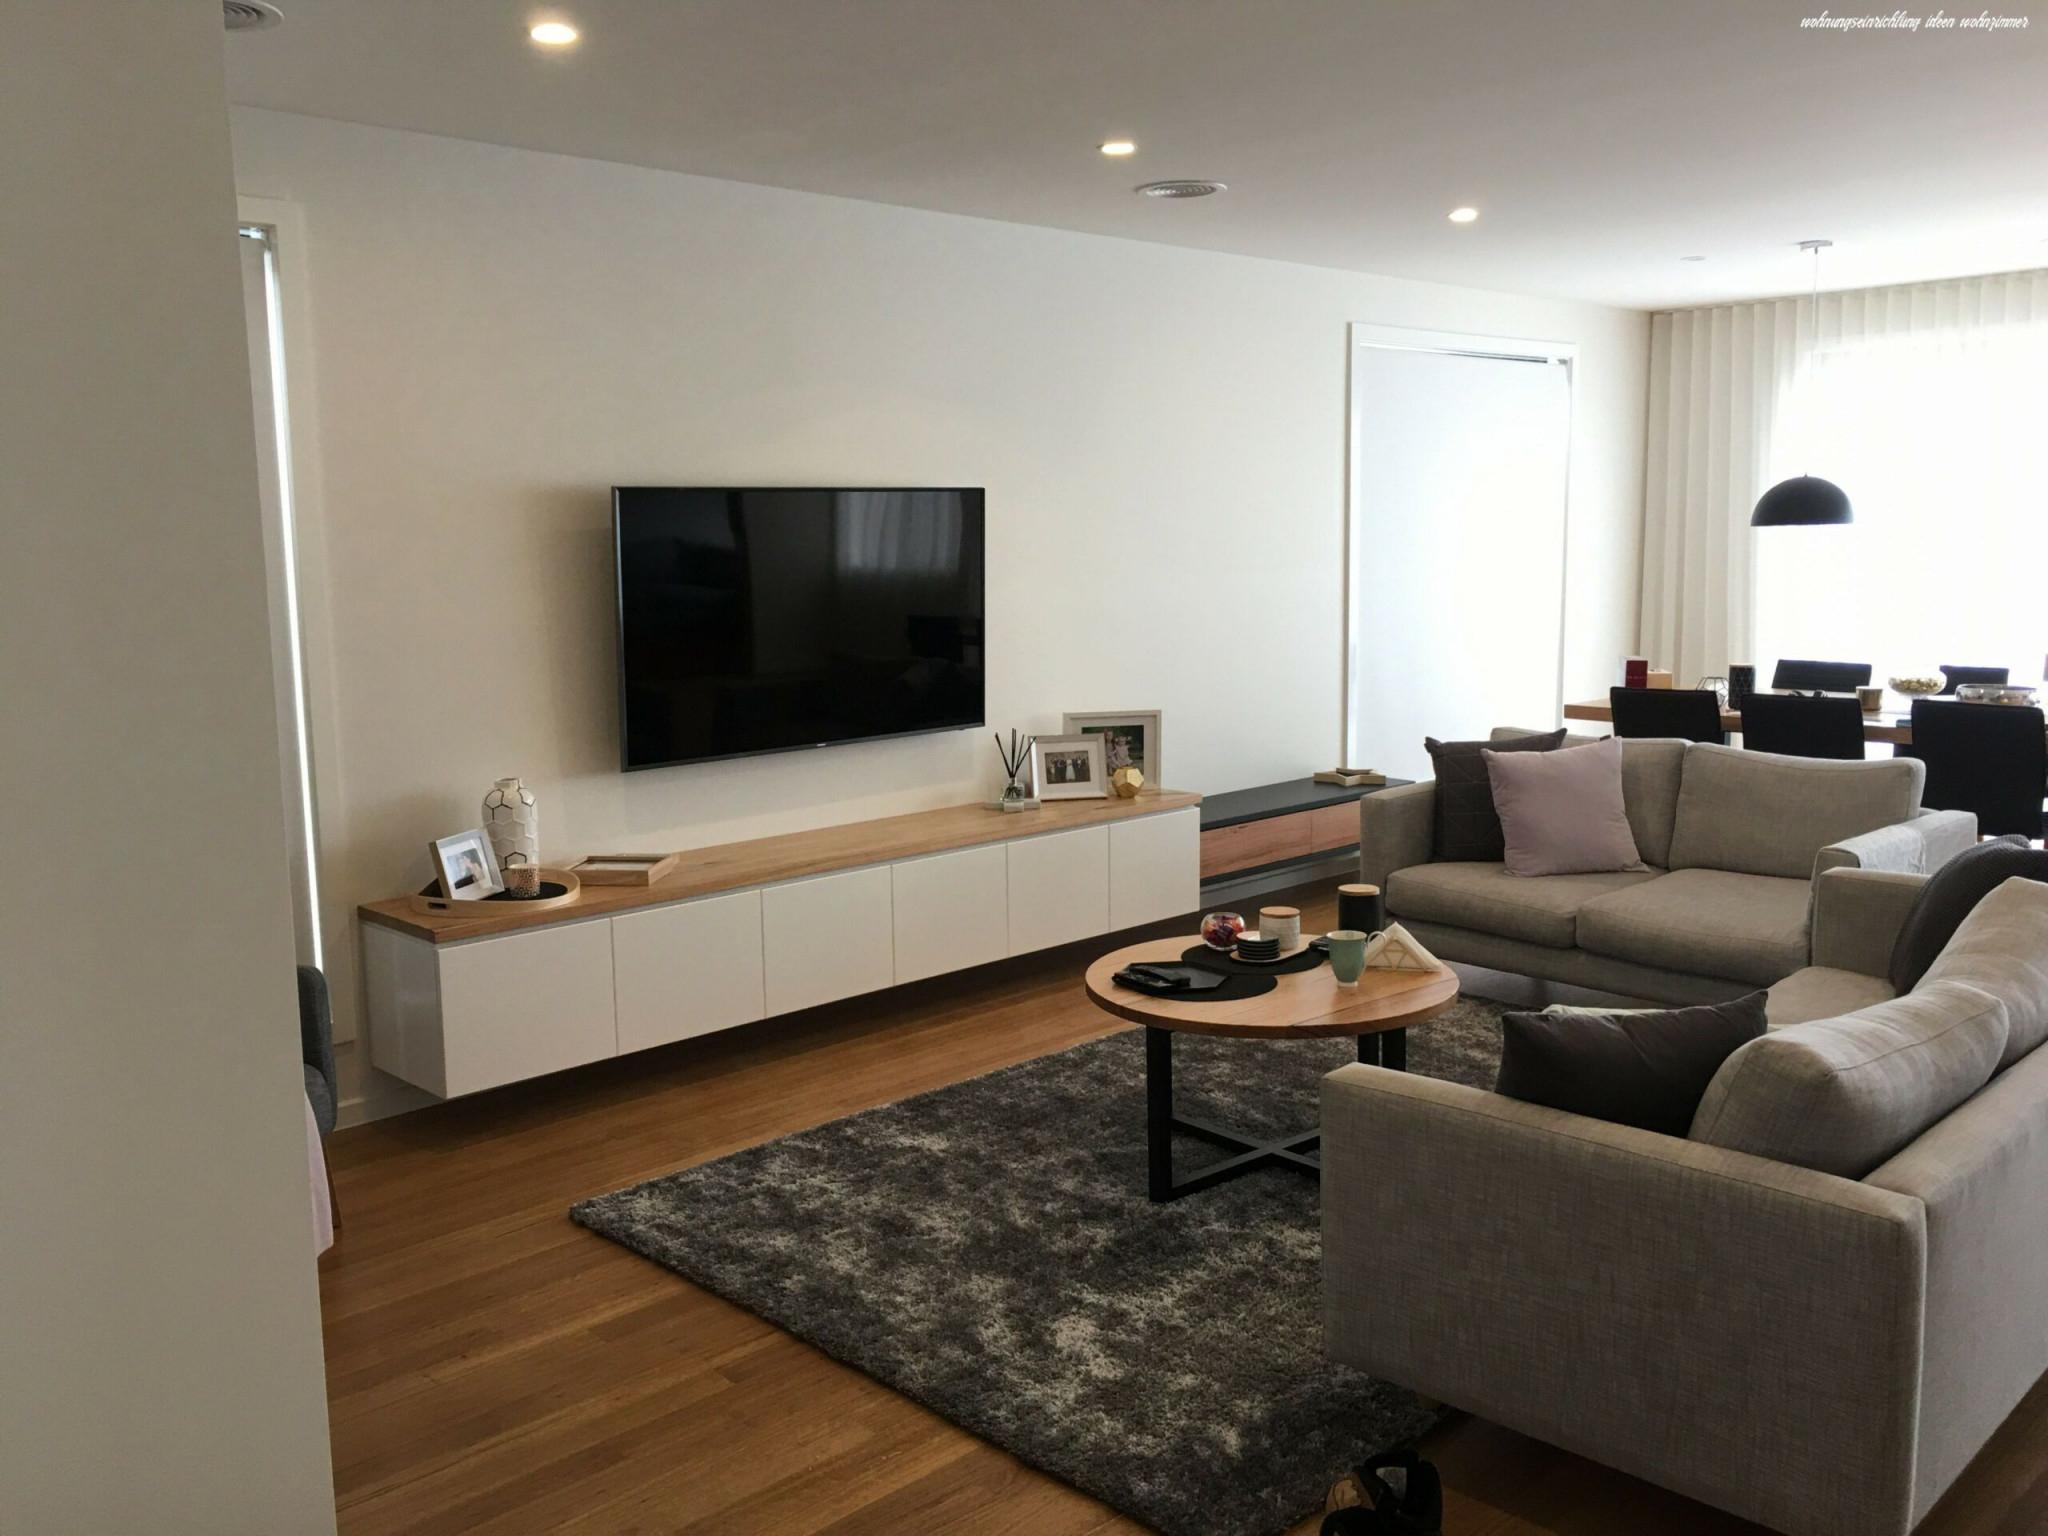 Ist Wohnungseinrichtung Ideen Wohnzimmer Gut Fünf von Wohnungseinrichtung Ideen Wohnzimmer Bild